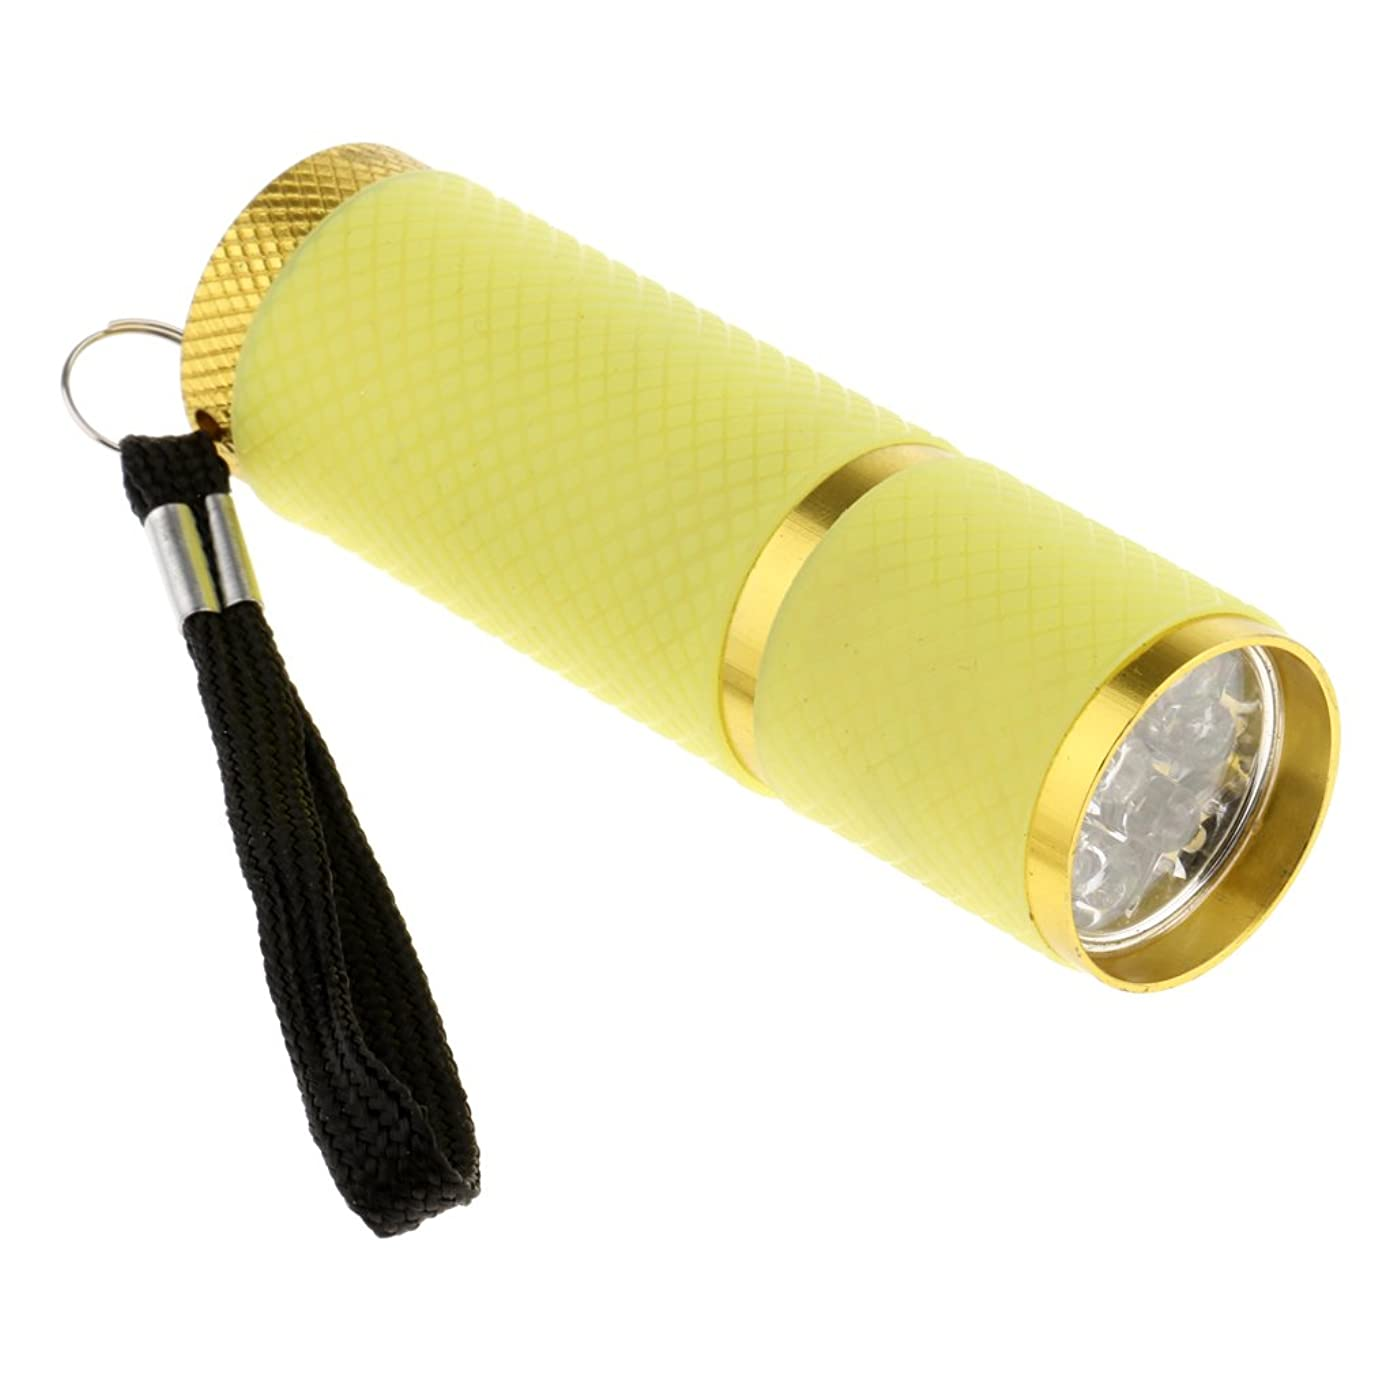 イタリック疑い者旋律的Homyl ネイルドライヤー ミニ 9 LED  4.5V  ドライヤー 手と足 両方に使用 UV プロ ネイルサロン 家庭用 4色選べ - 黄